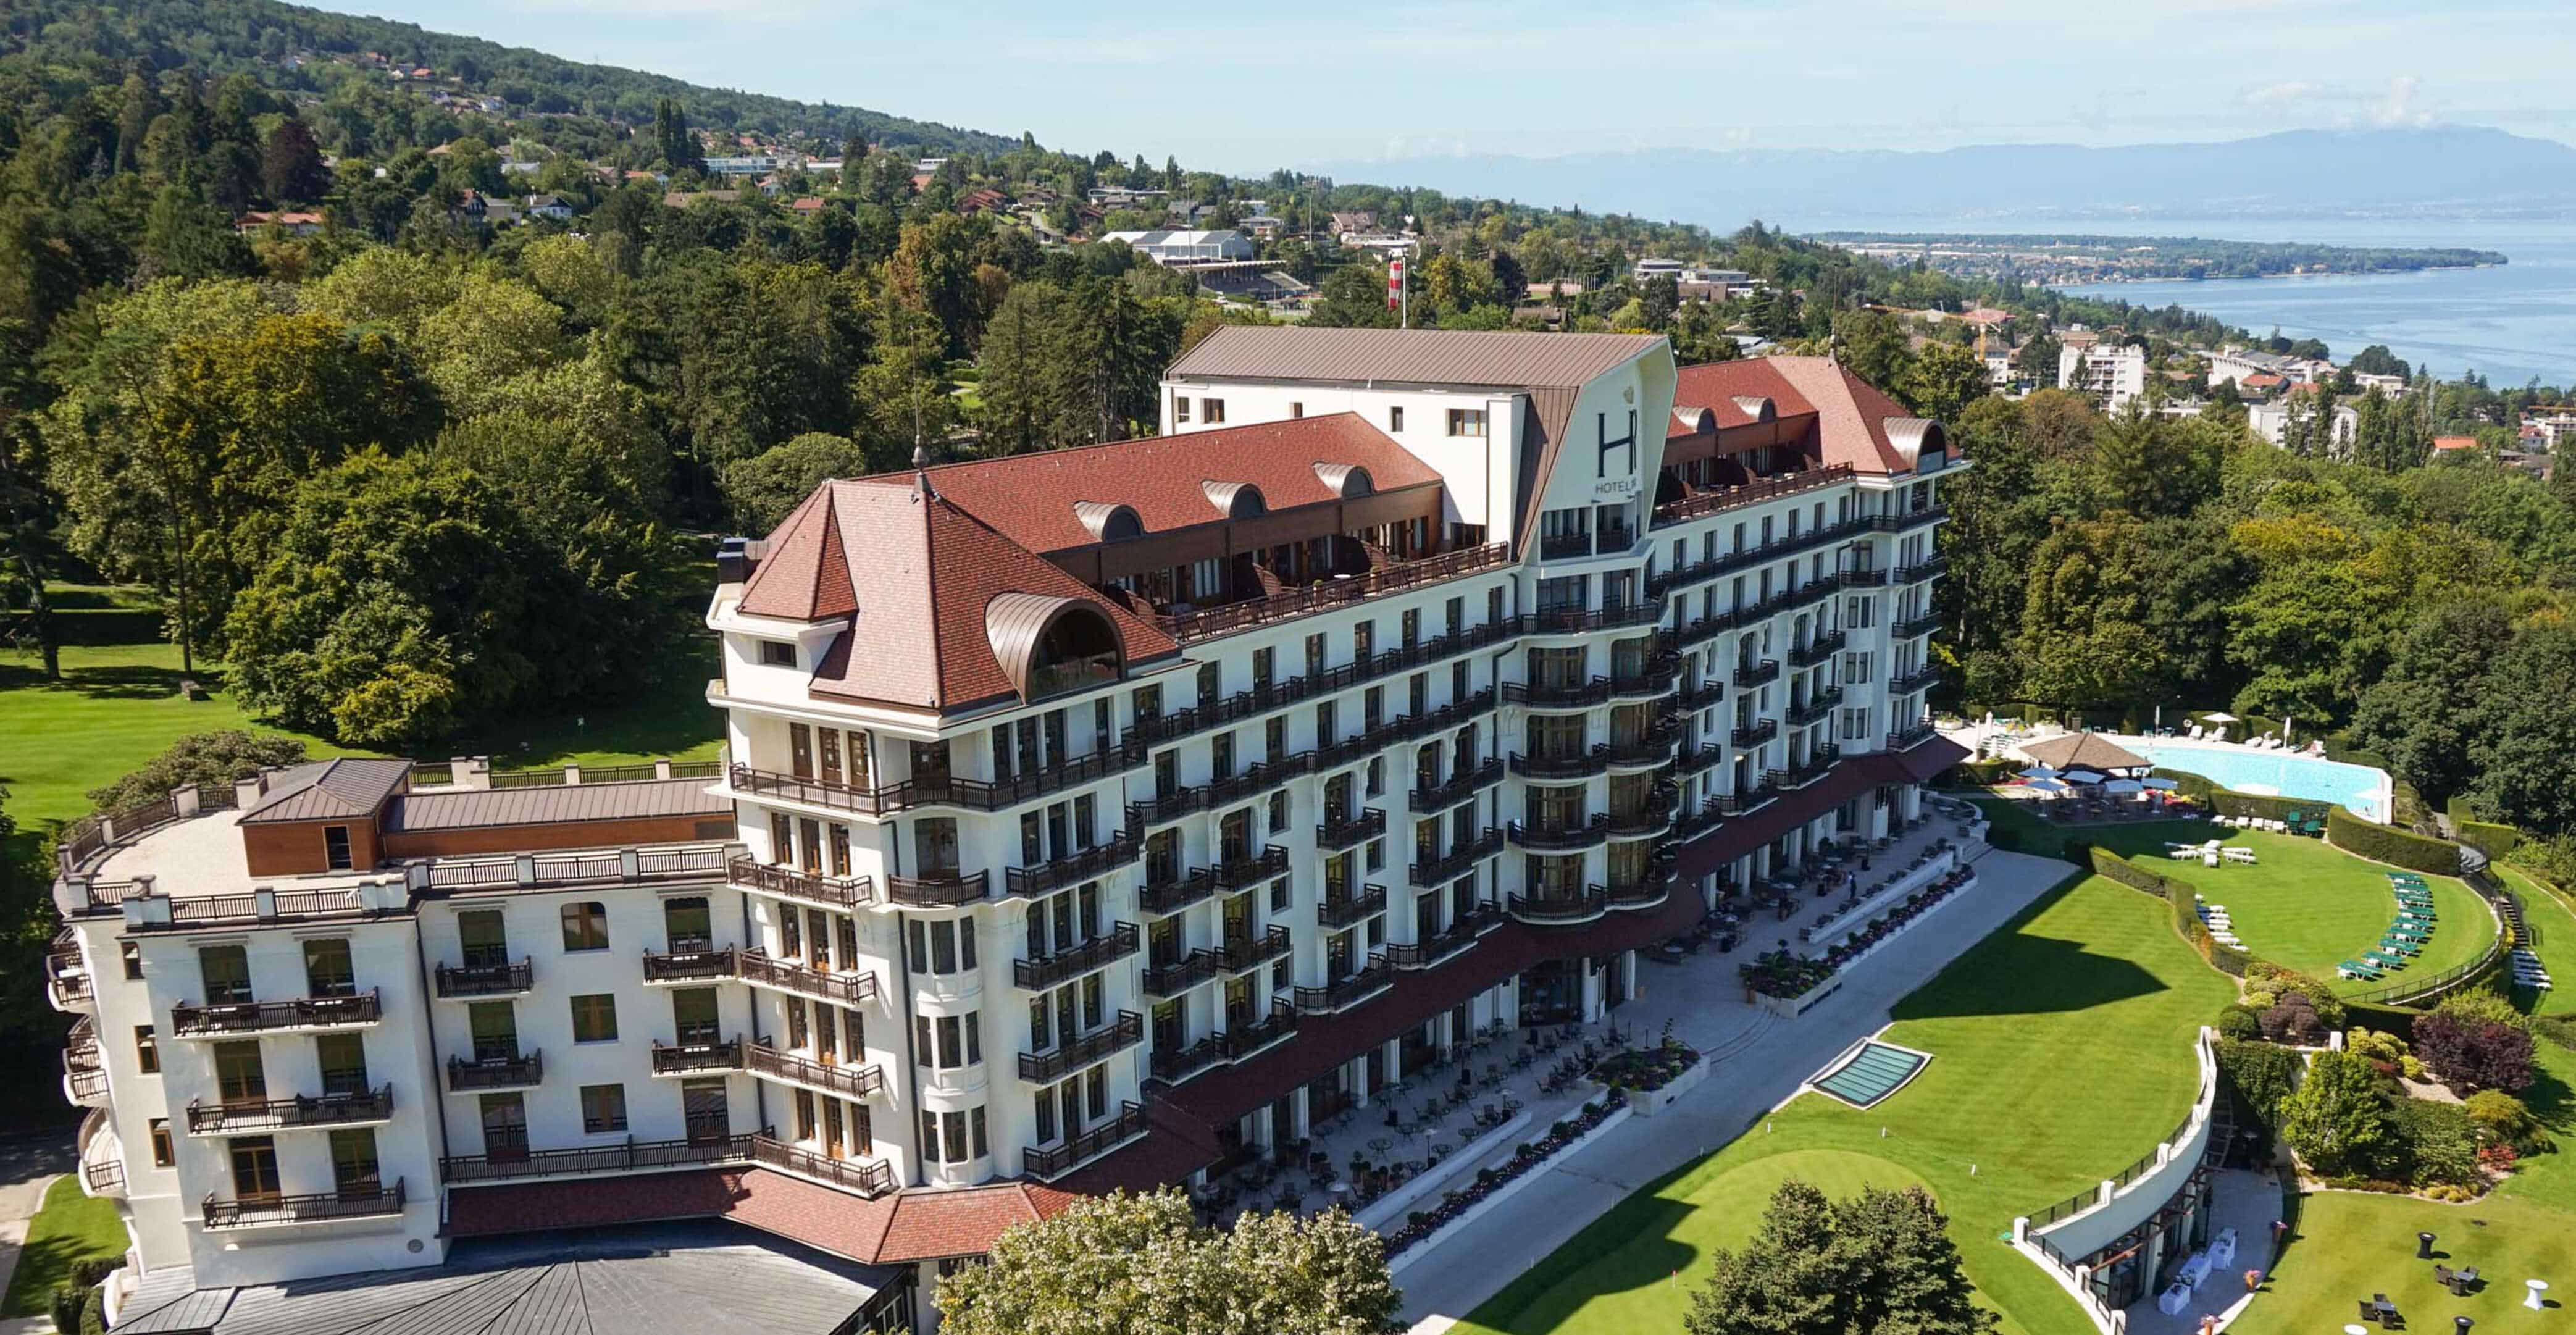 lausanne evian - 5 étoiles Hotel Royal & spaEvian